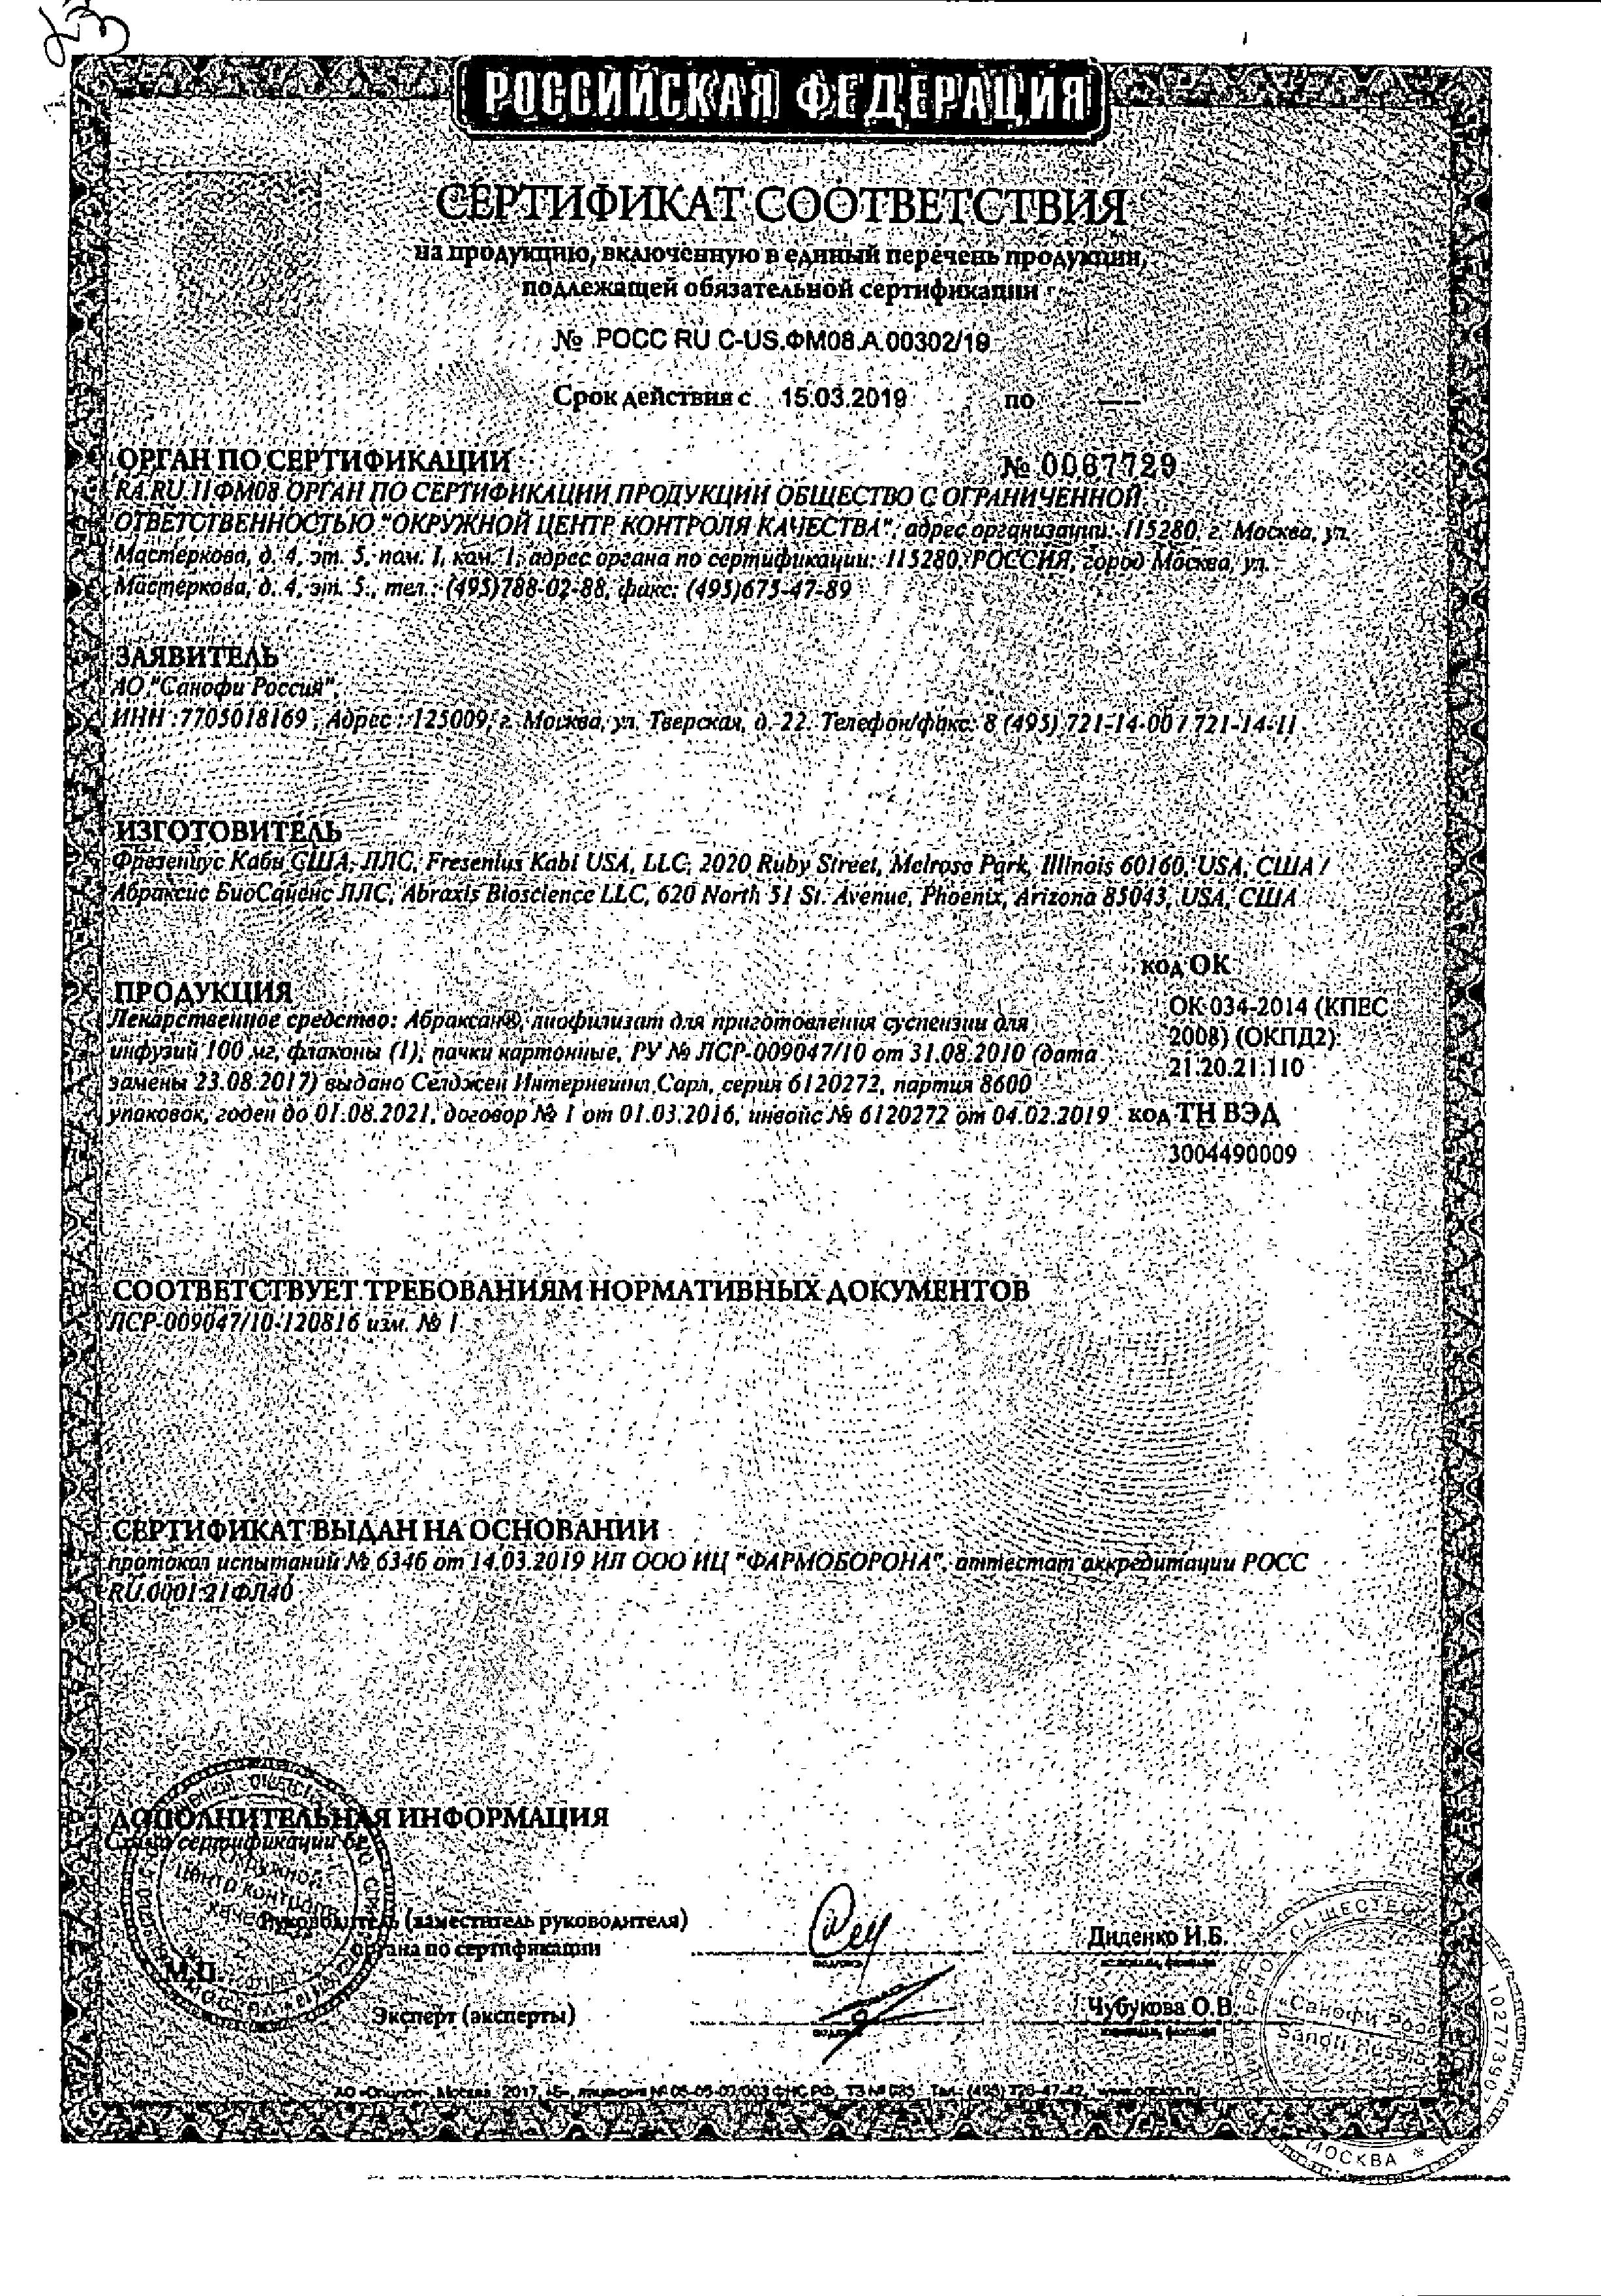 Абраксан сертификат